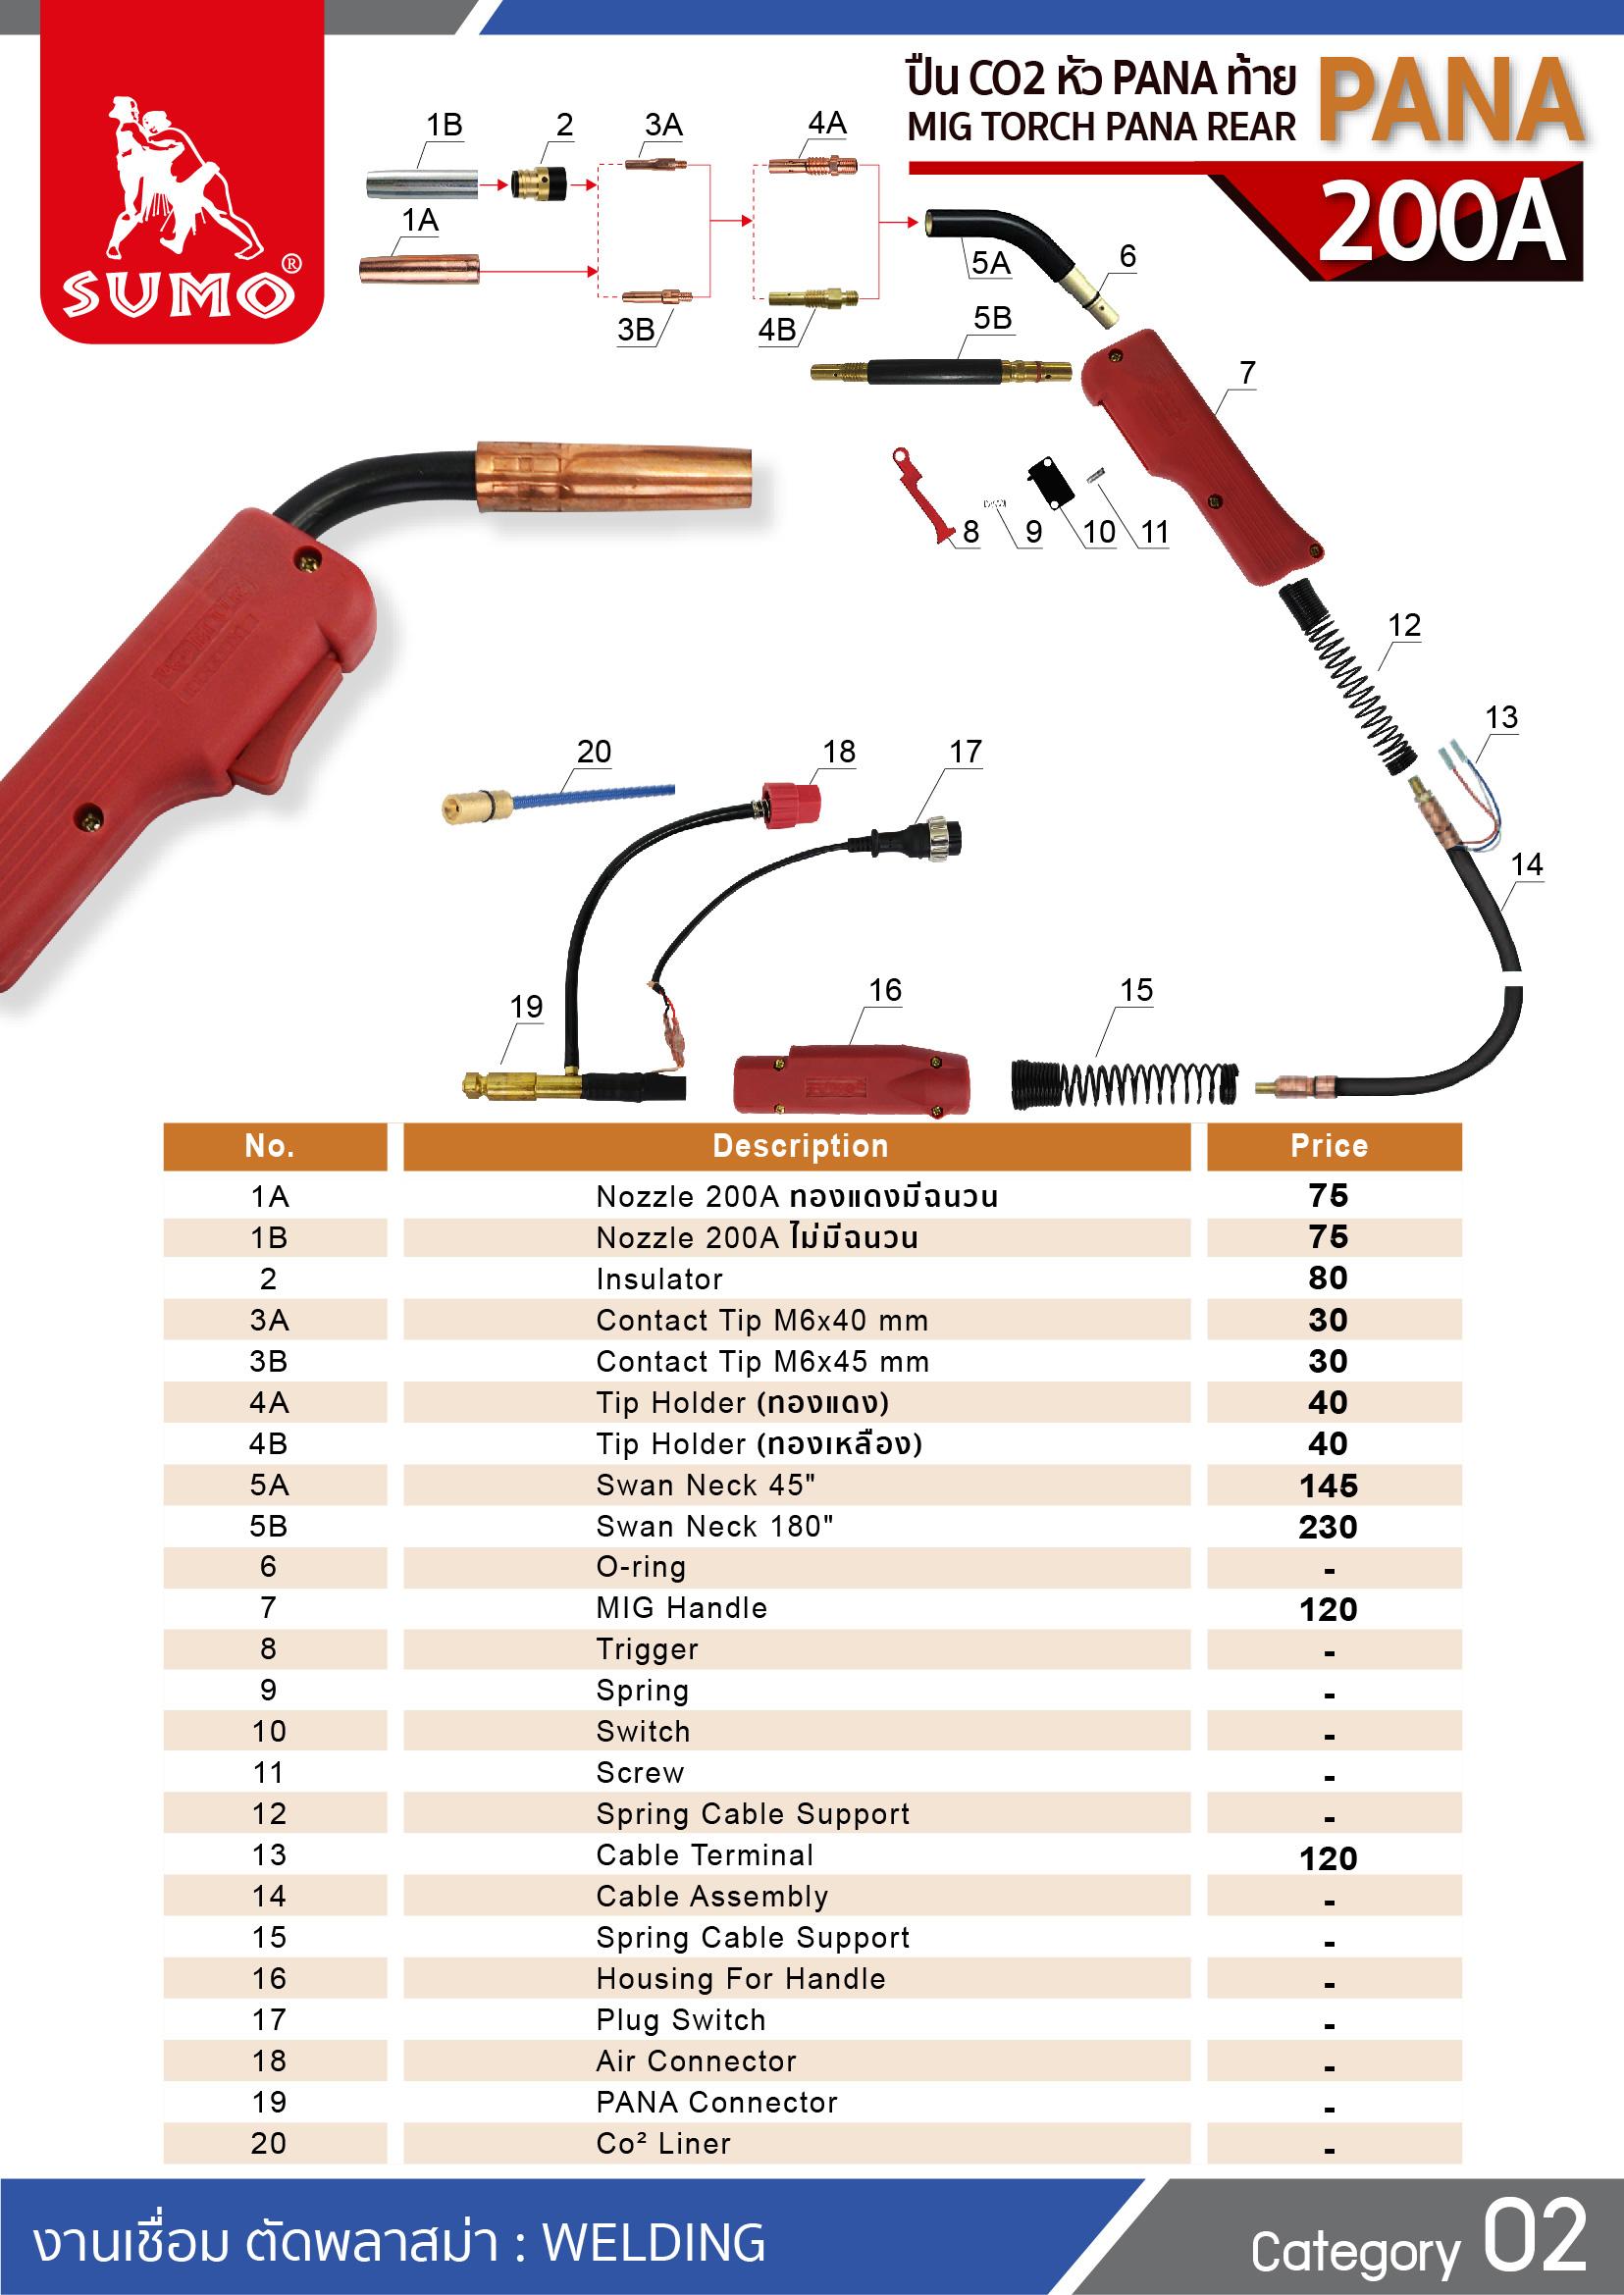 (7/34) ปืน CO2 PANA 200A PANA Tail